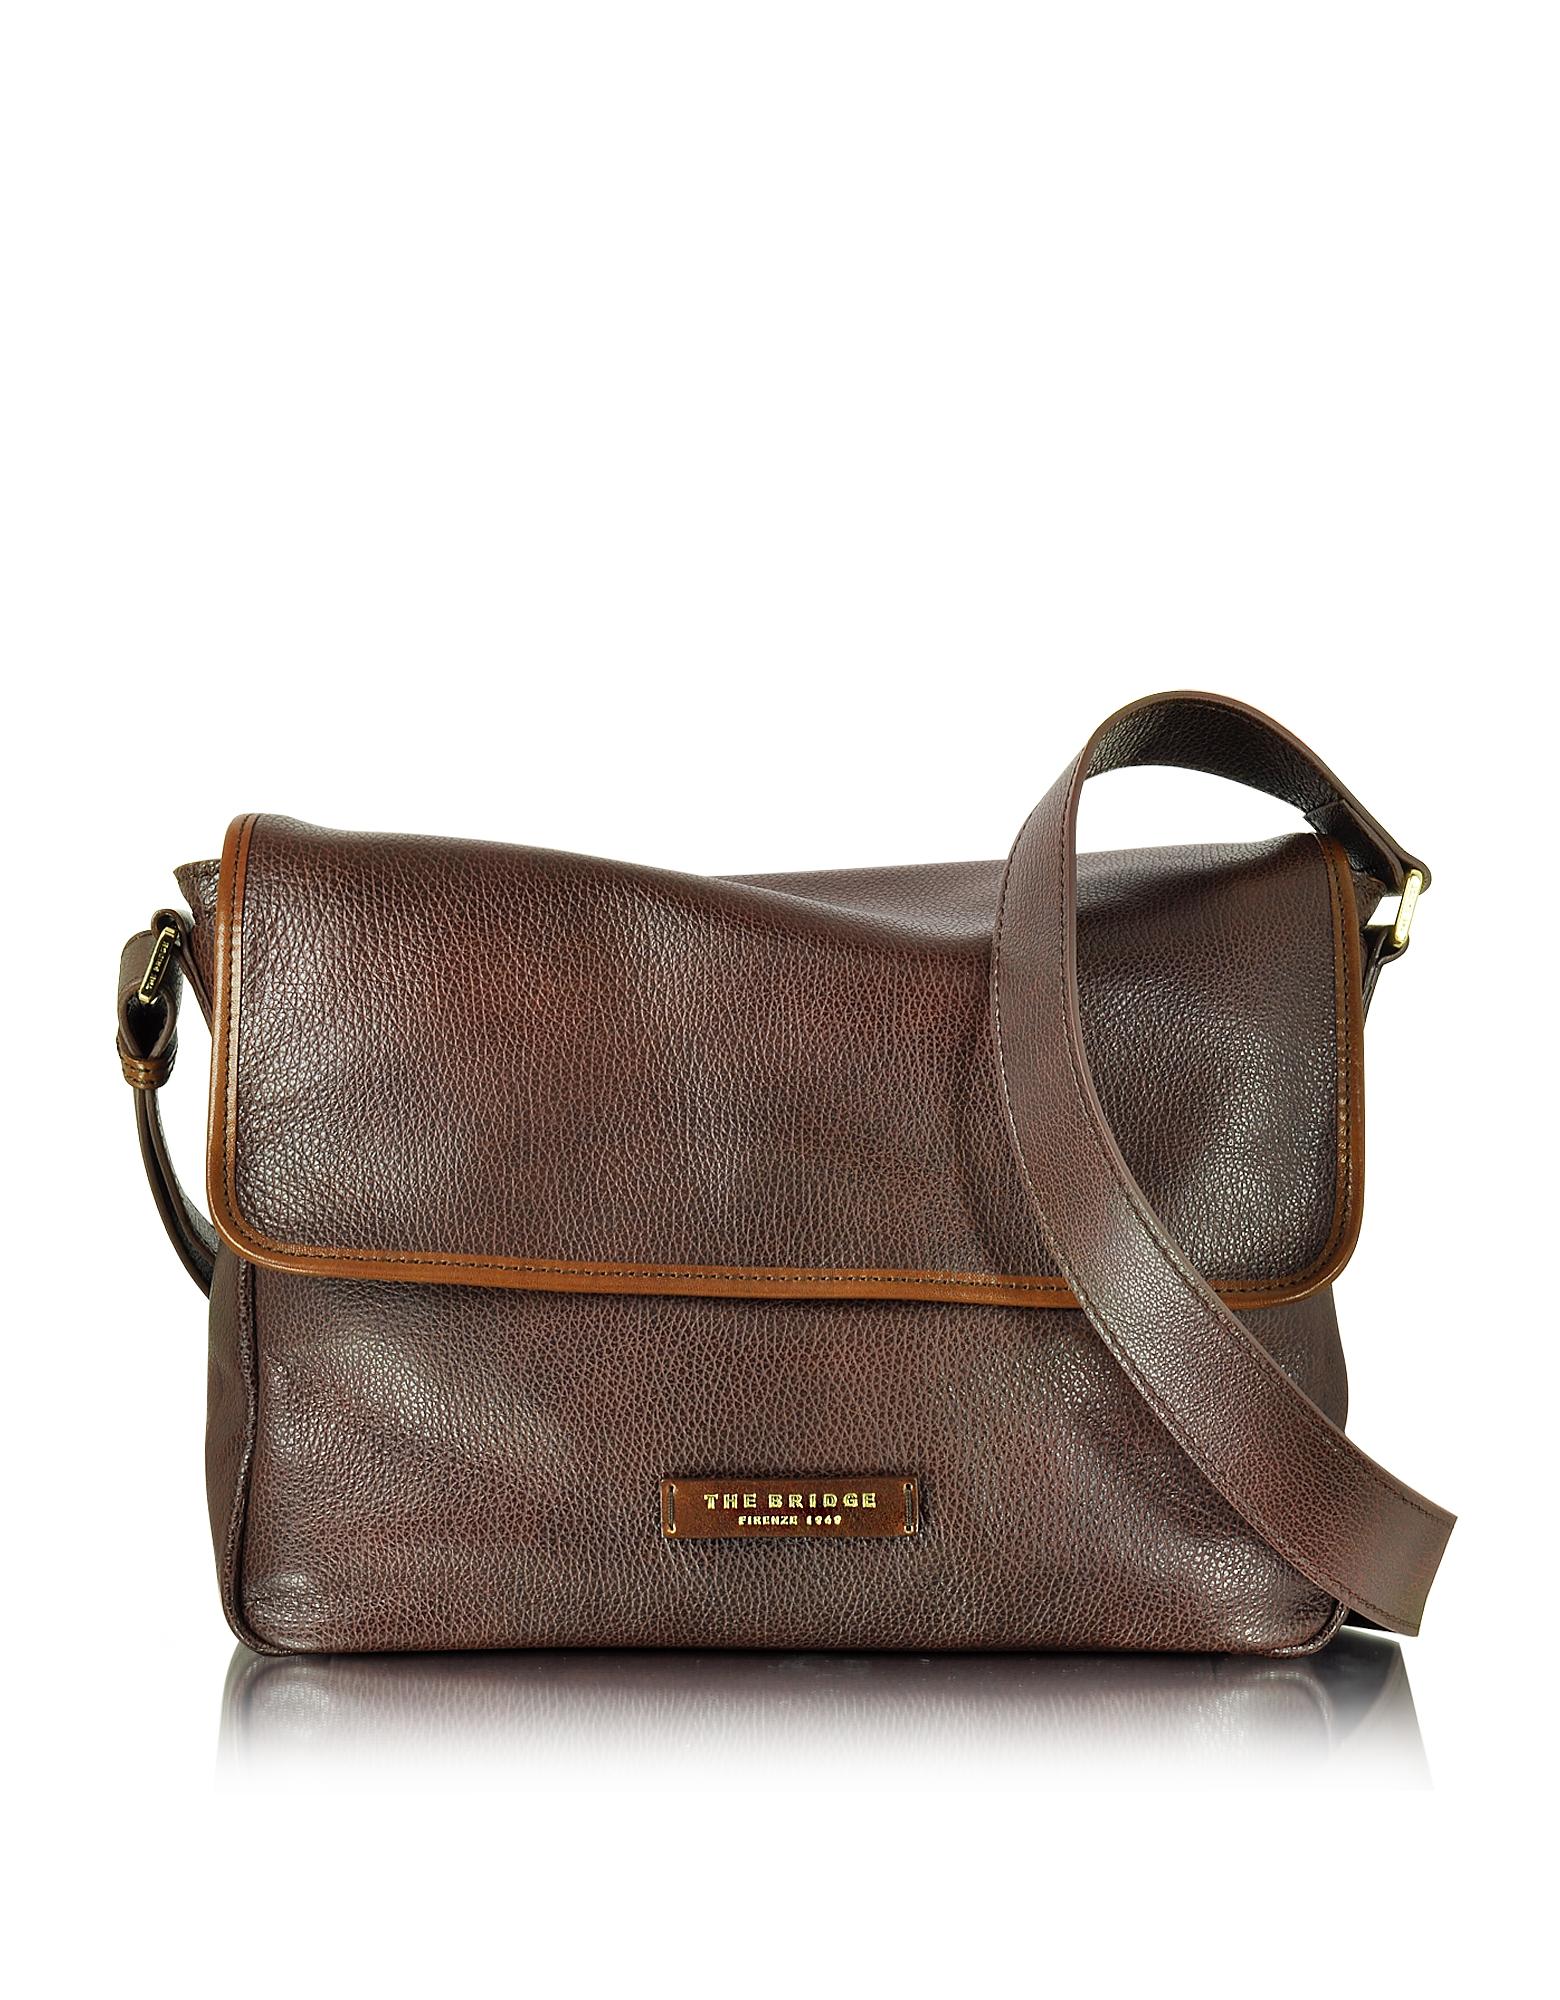 Plume Mix Uomo Messenger Handtasche aus Leder in dunkelbraun